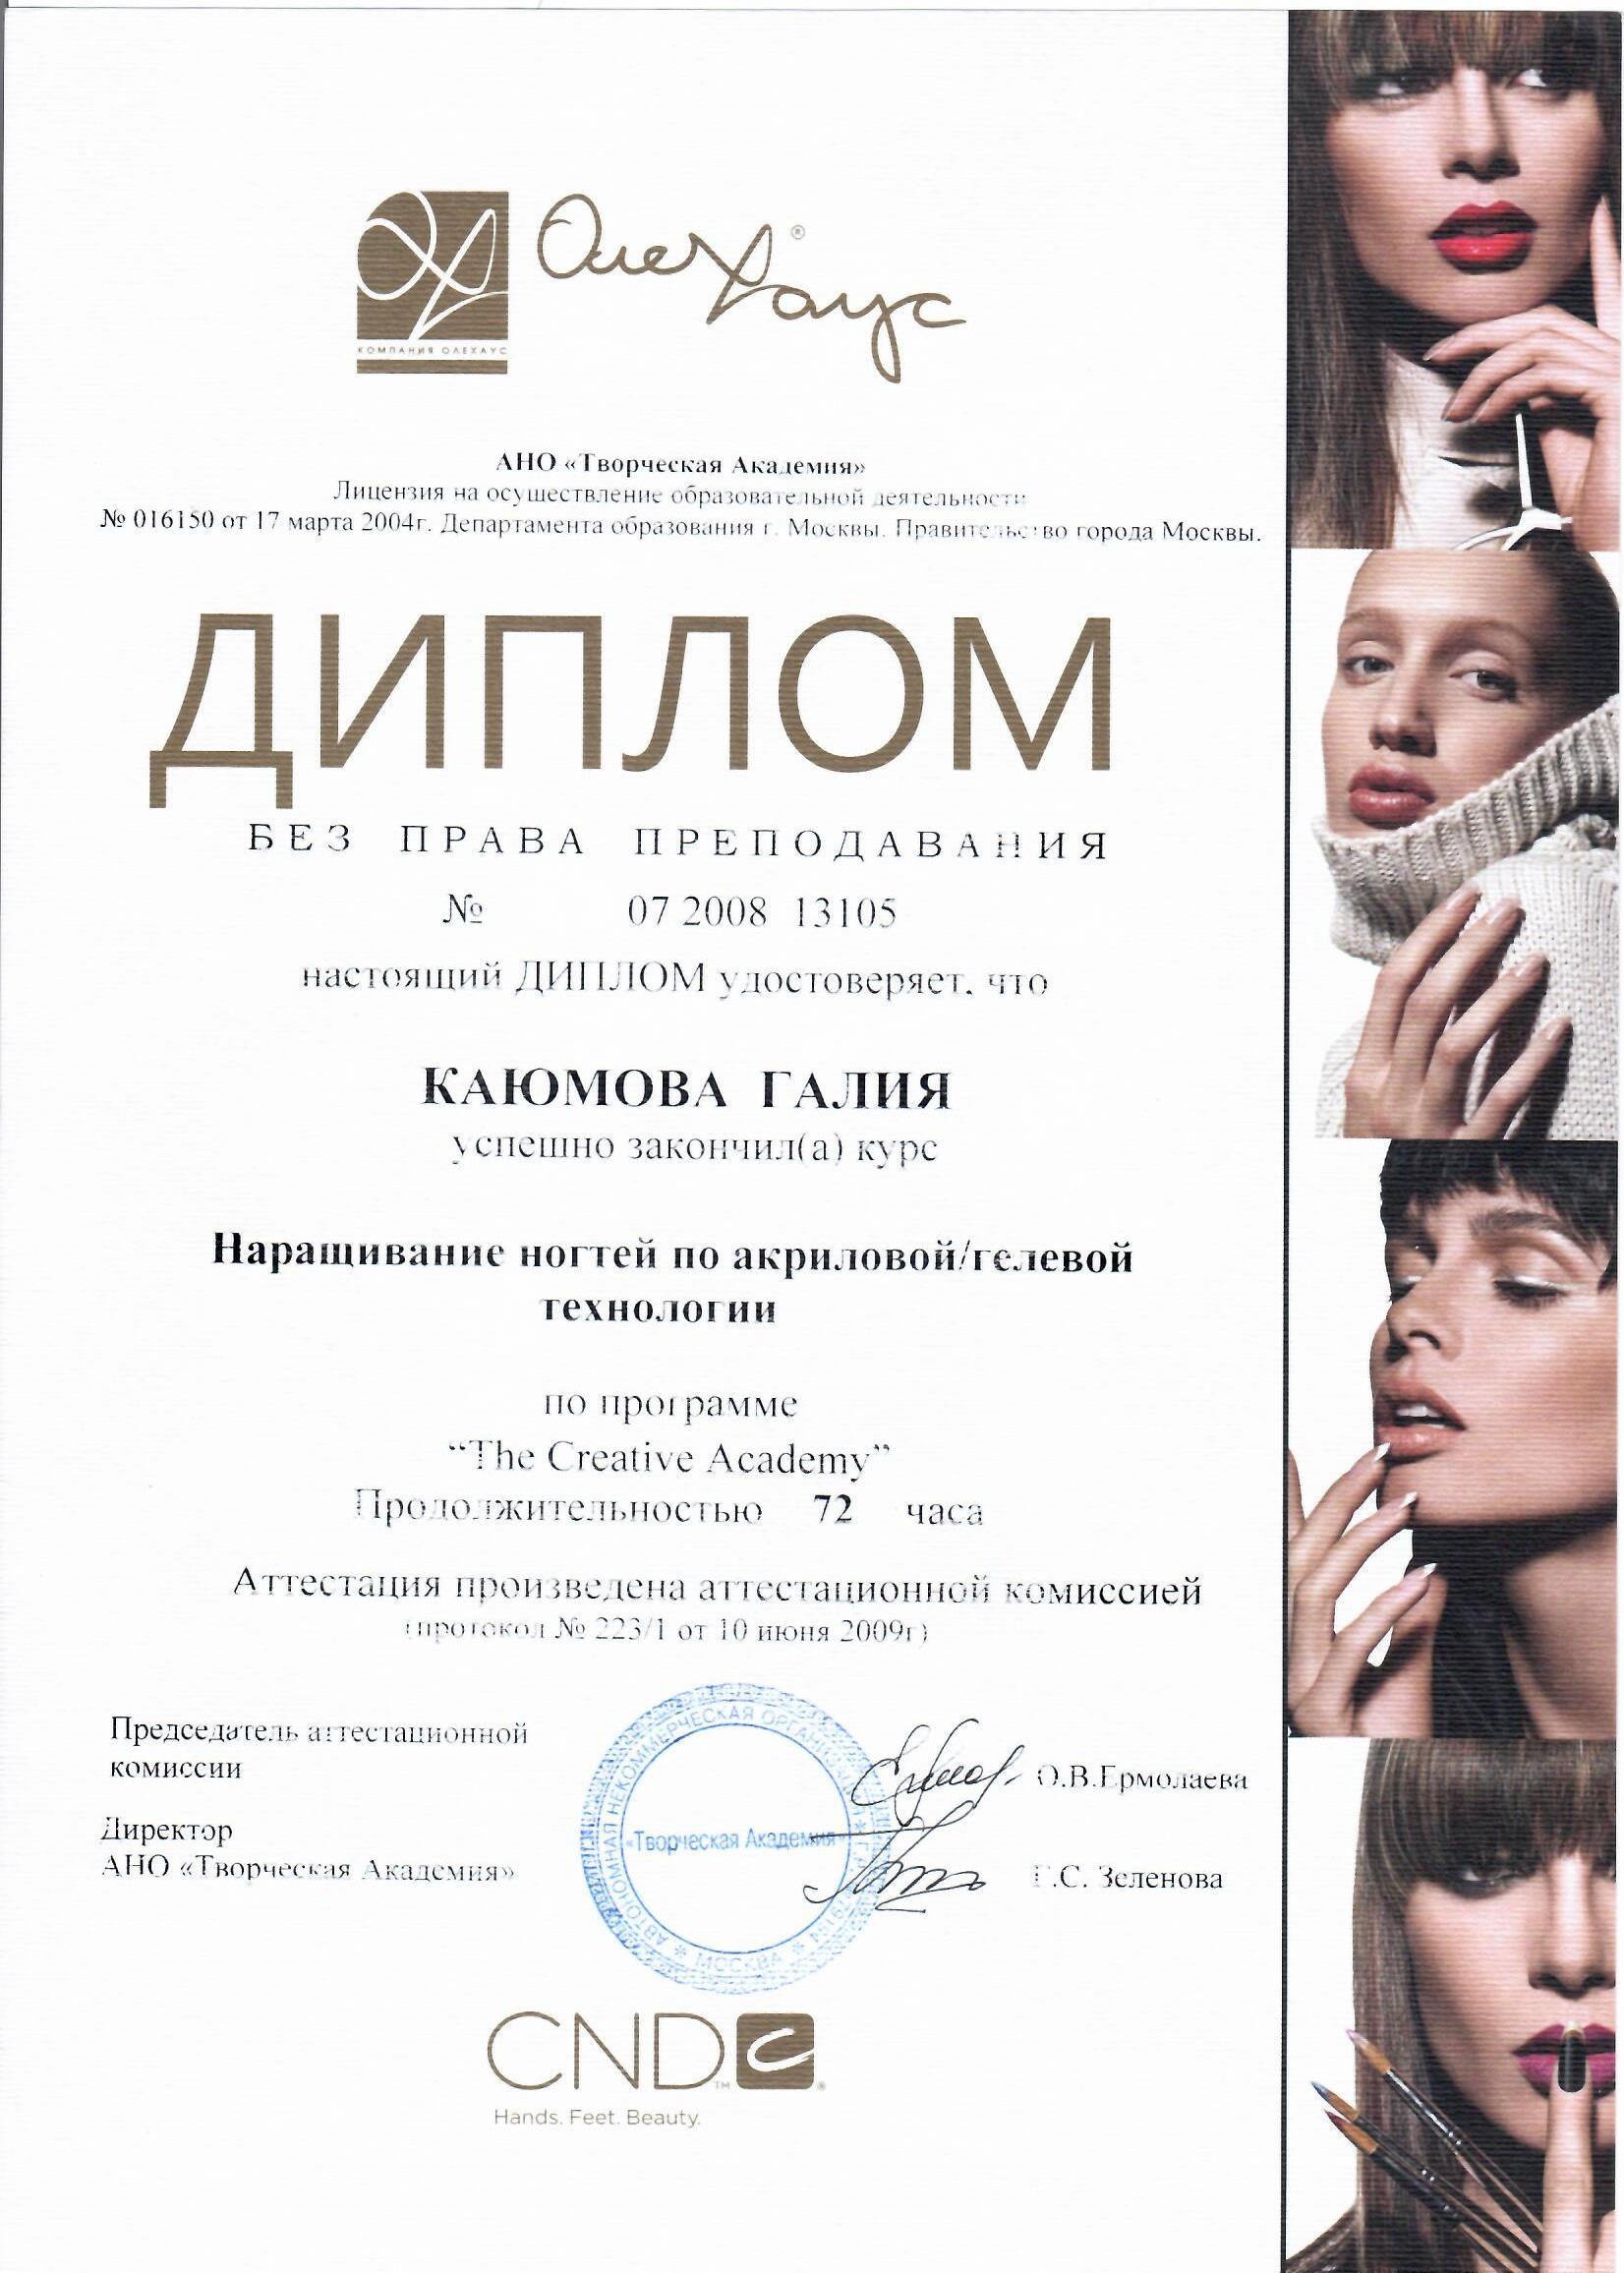 2009 наращивание ногтей по акриловой и гелевой технологии